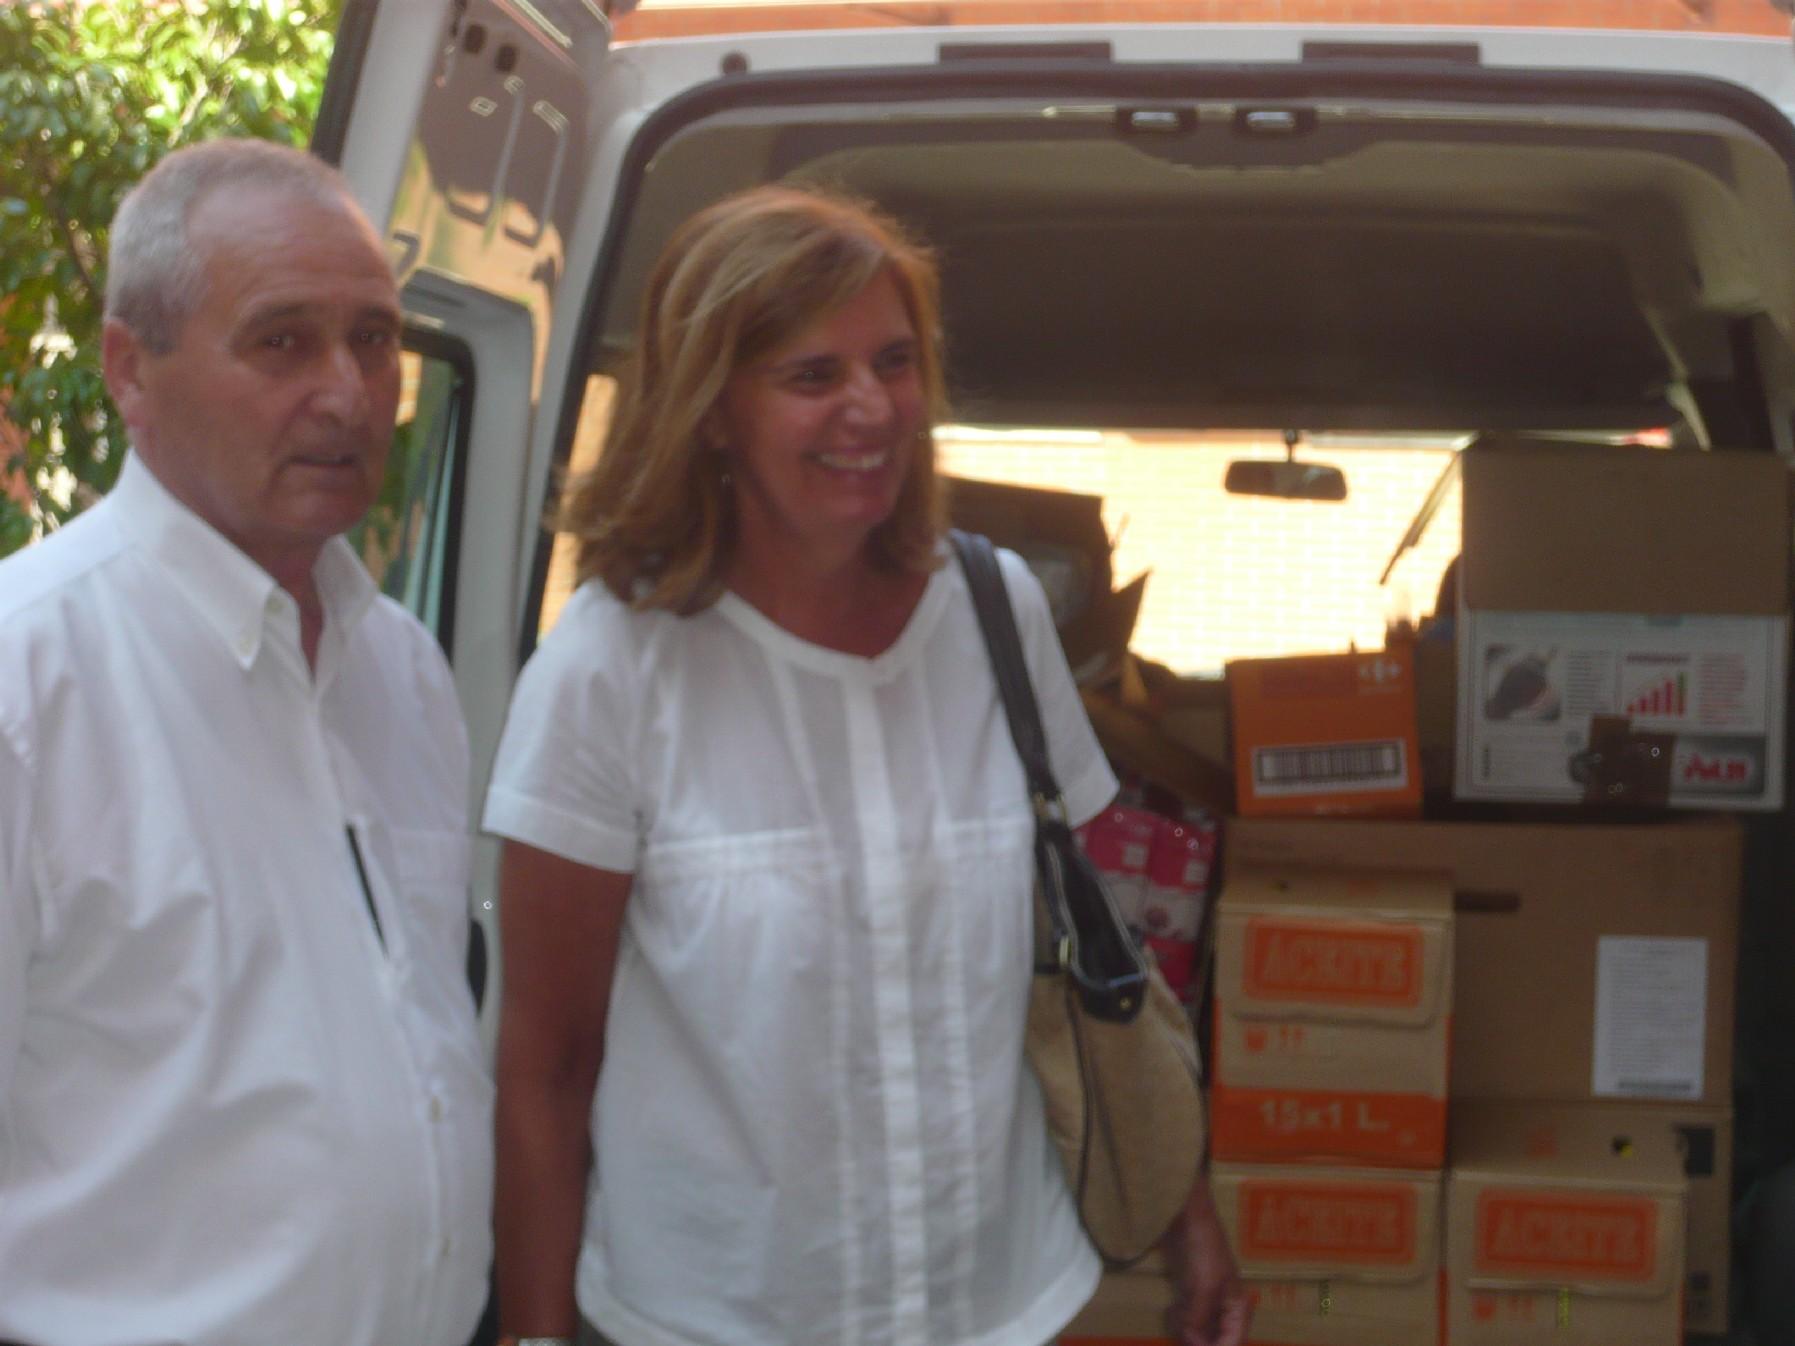 Tomás Marcos, fundador del Albergue Covadonga, y la concejala Dorinda García, junto a una de las furgonetas del reparto de alimentos.